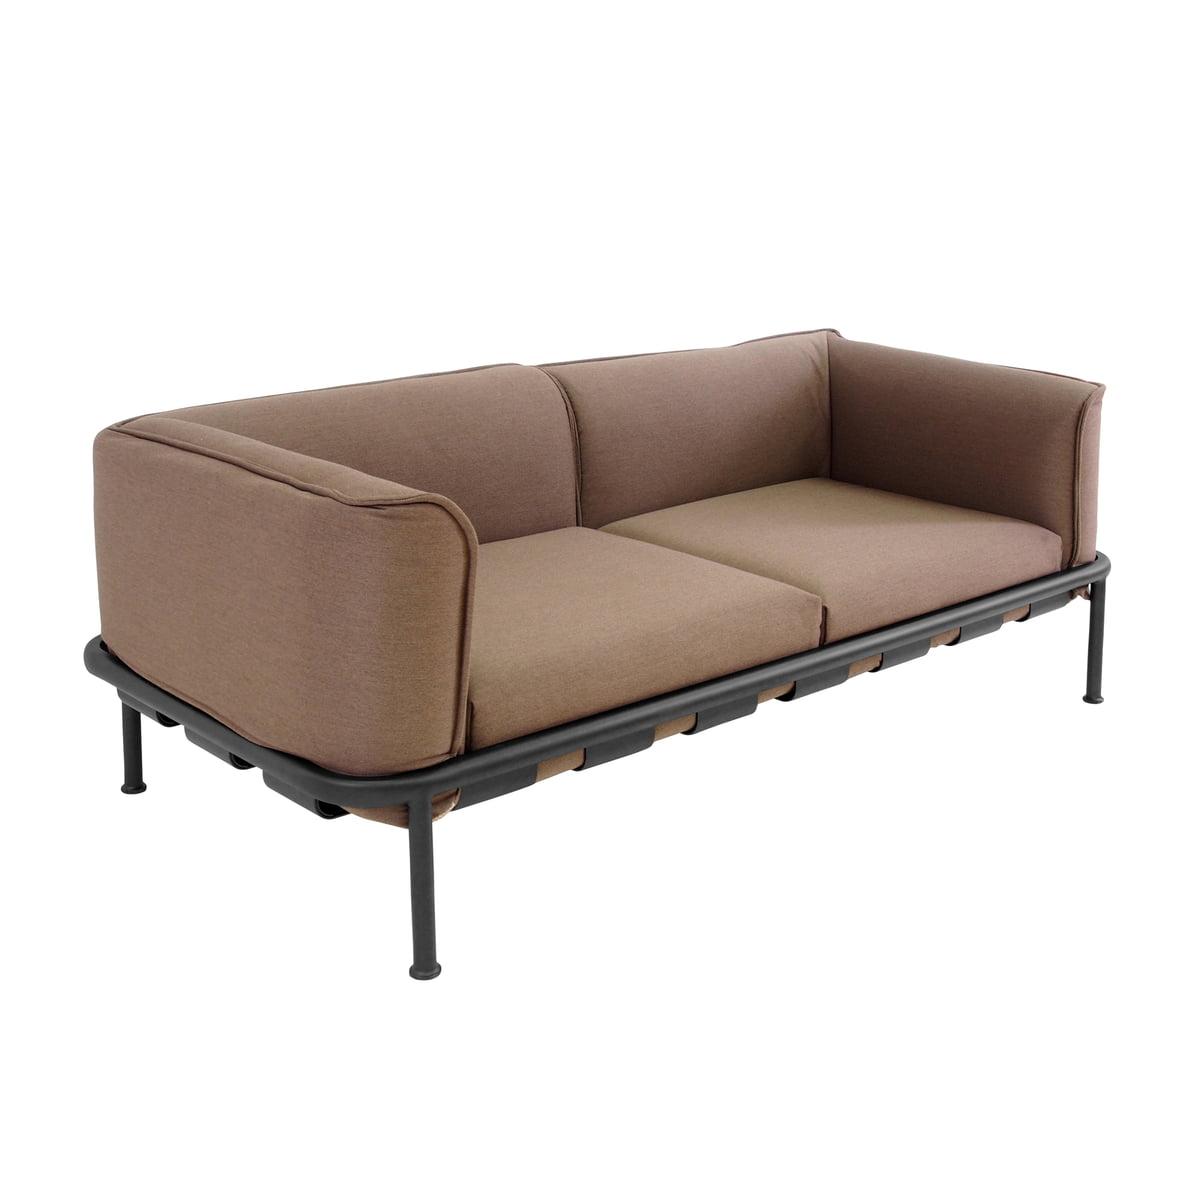 Gestell Aluminium 2 3 Sitzer Sofas Online Kaufen Möbel